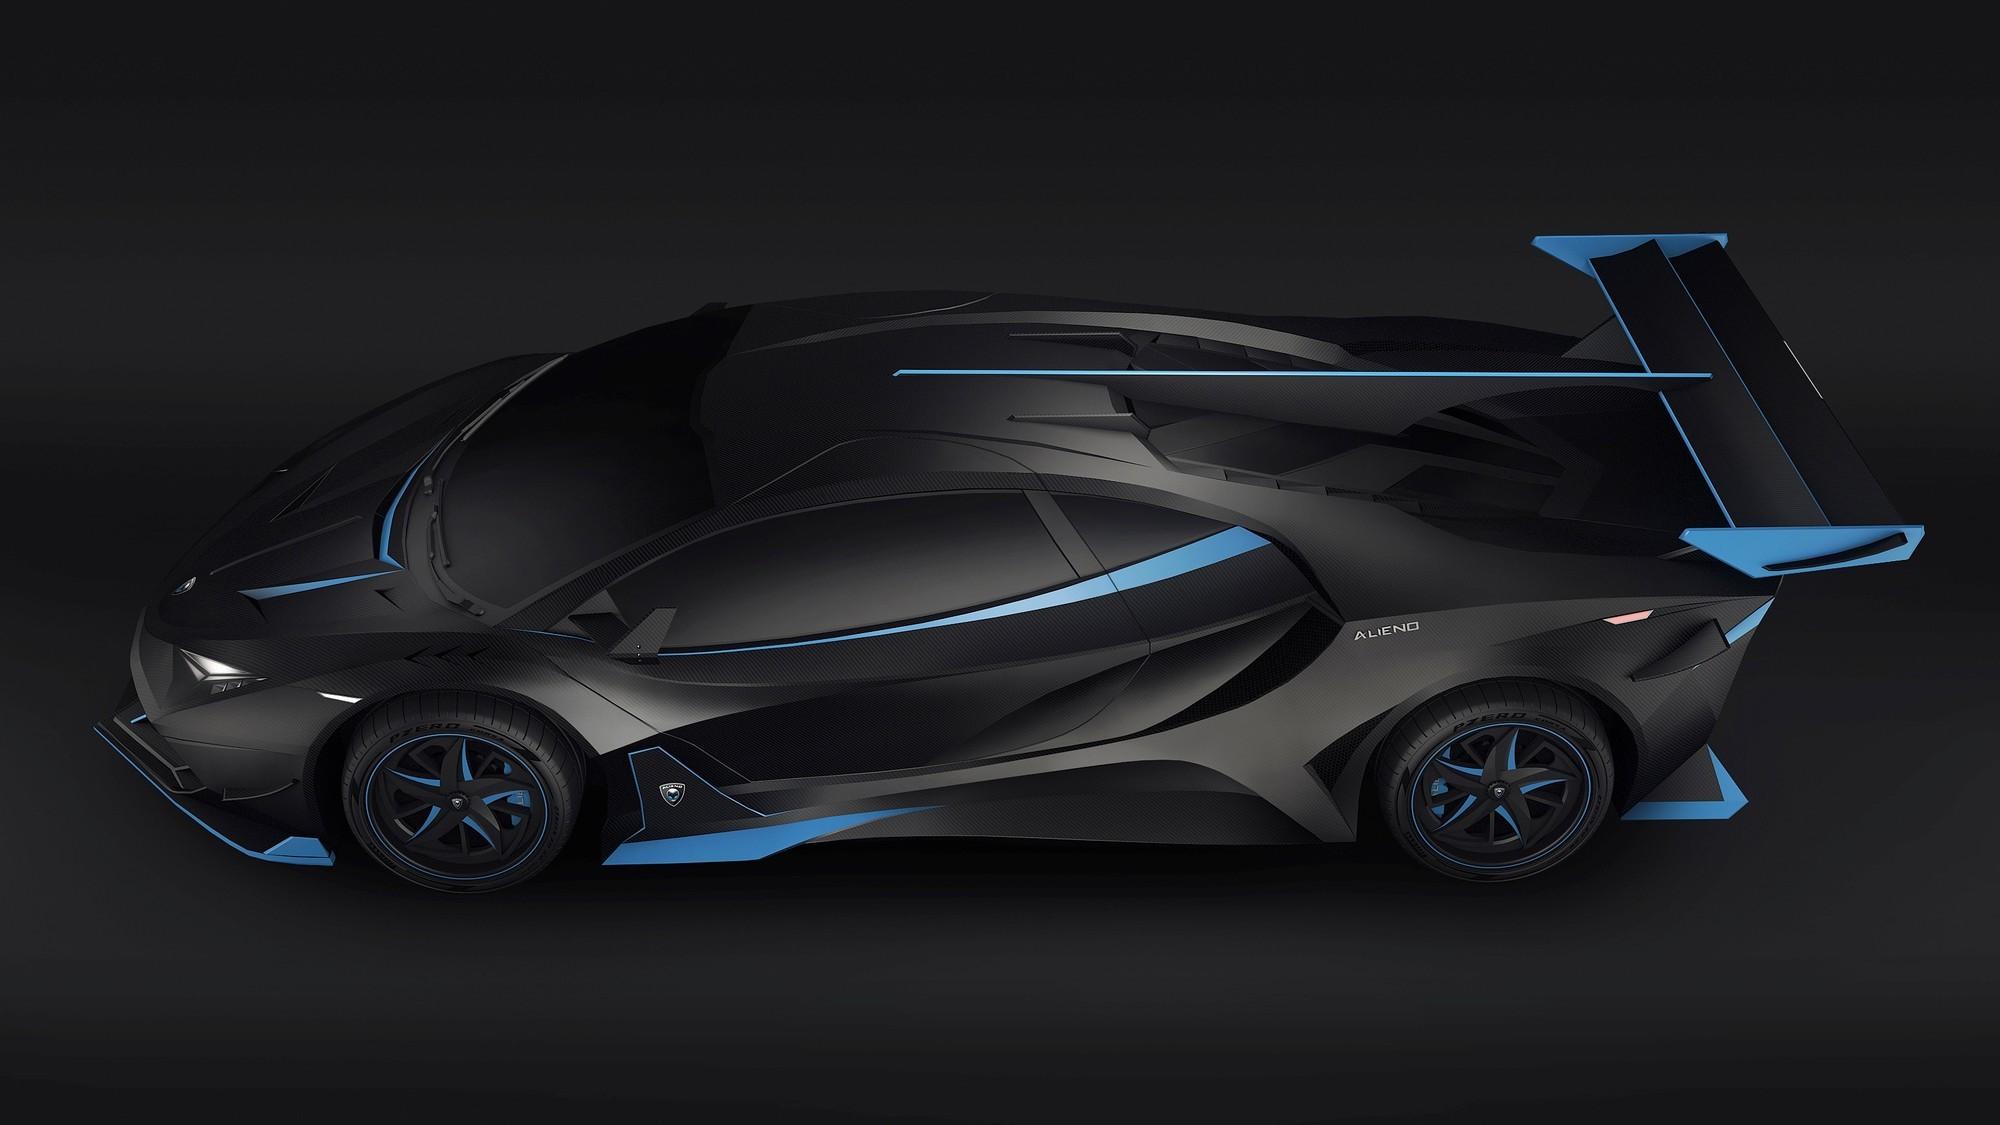 Первый болгарский суперкар станет самым мощным автомобилем в мире 1